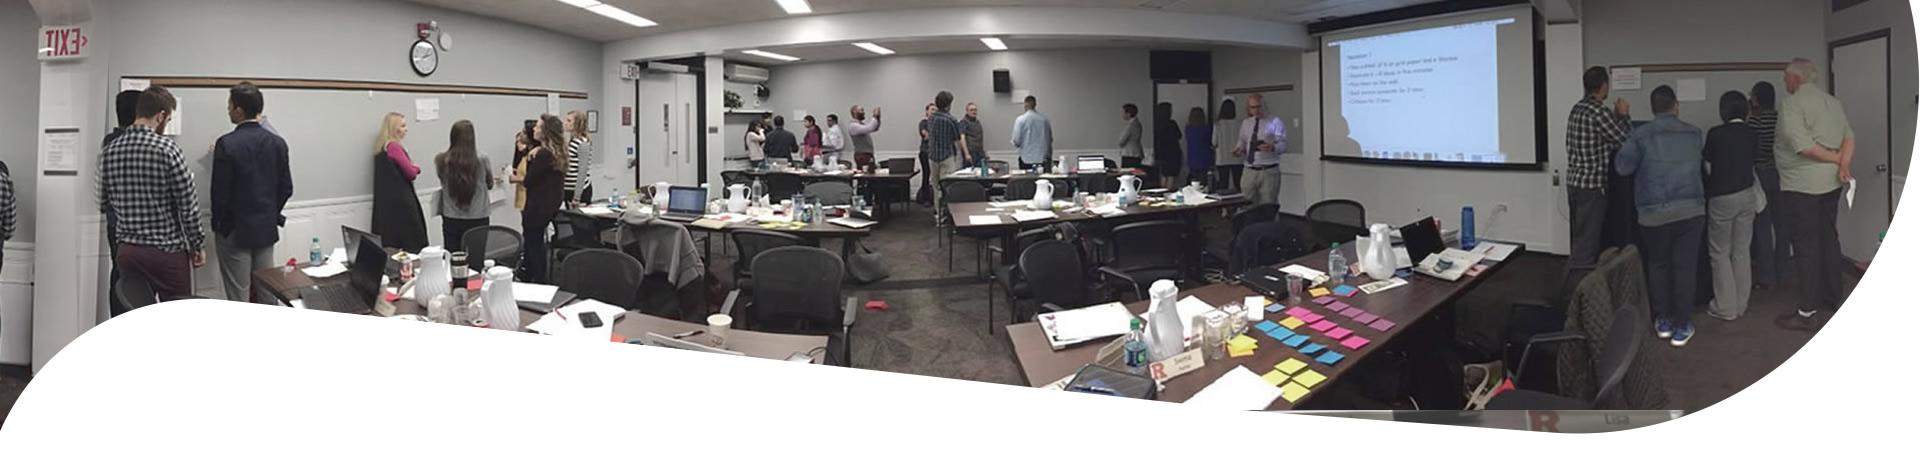 Rutgers UX - The Program